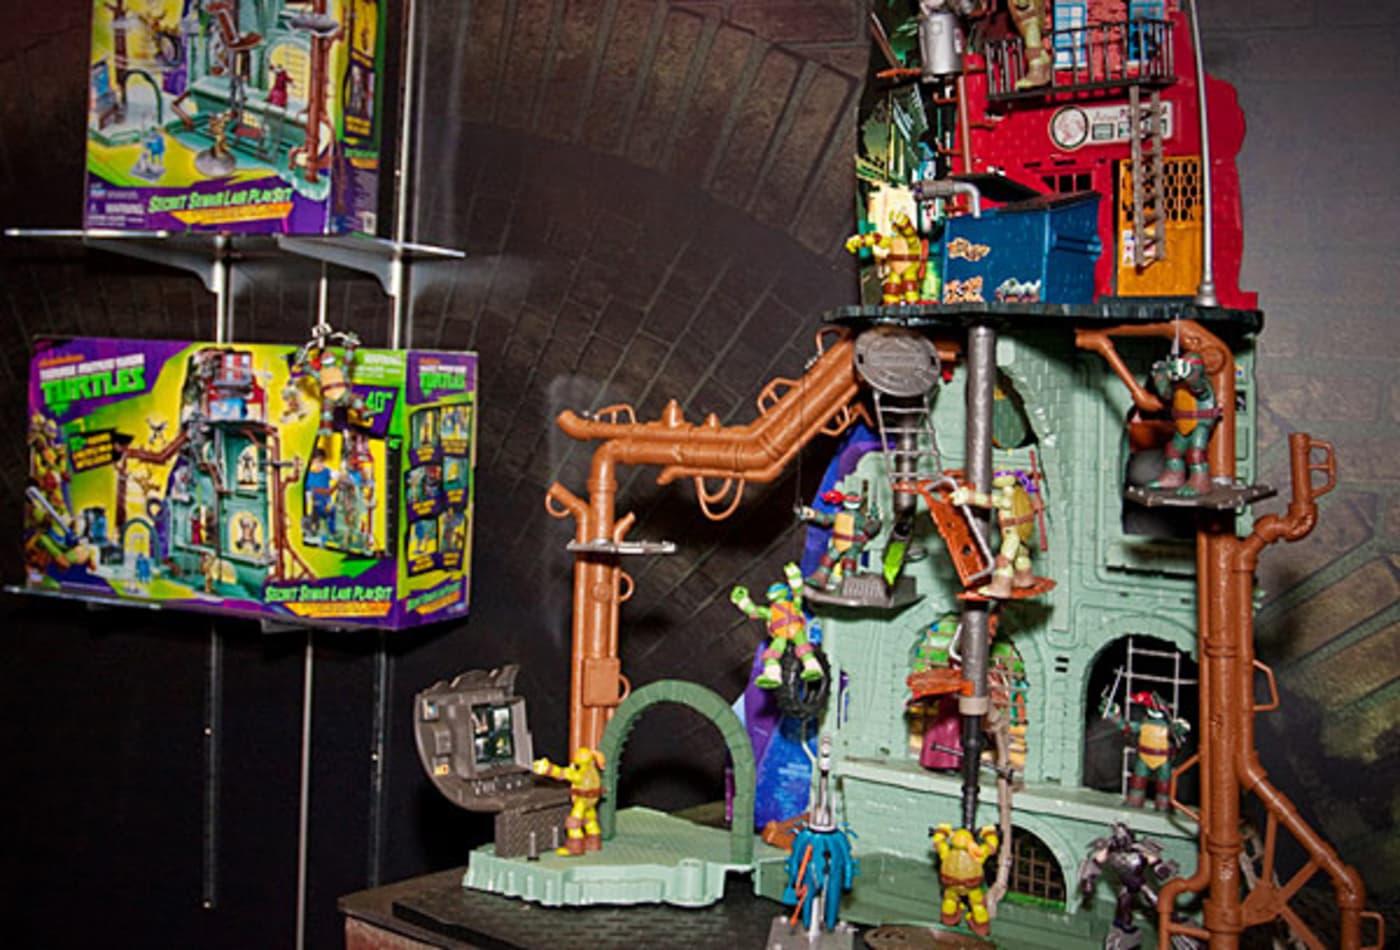 hot-toys-2012-teenage-mutant-ninja-turtles-lair.jpg